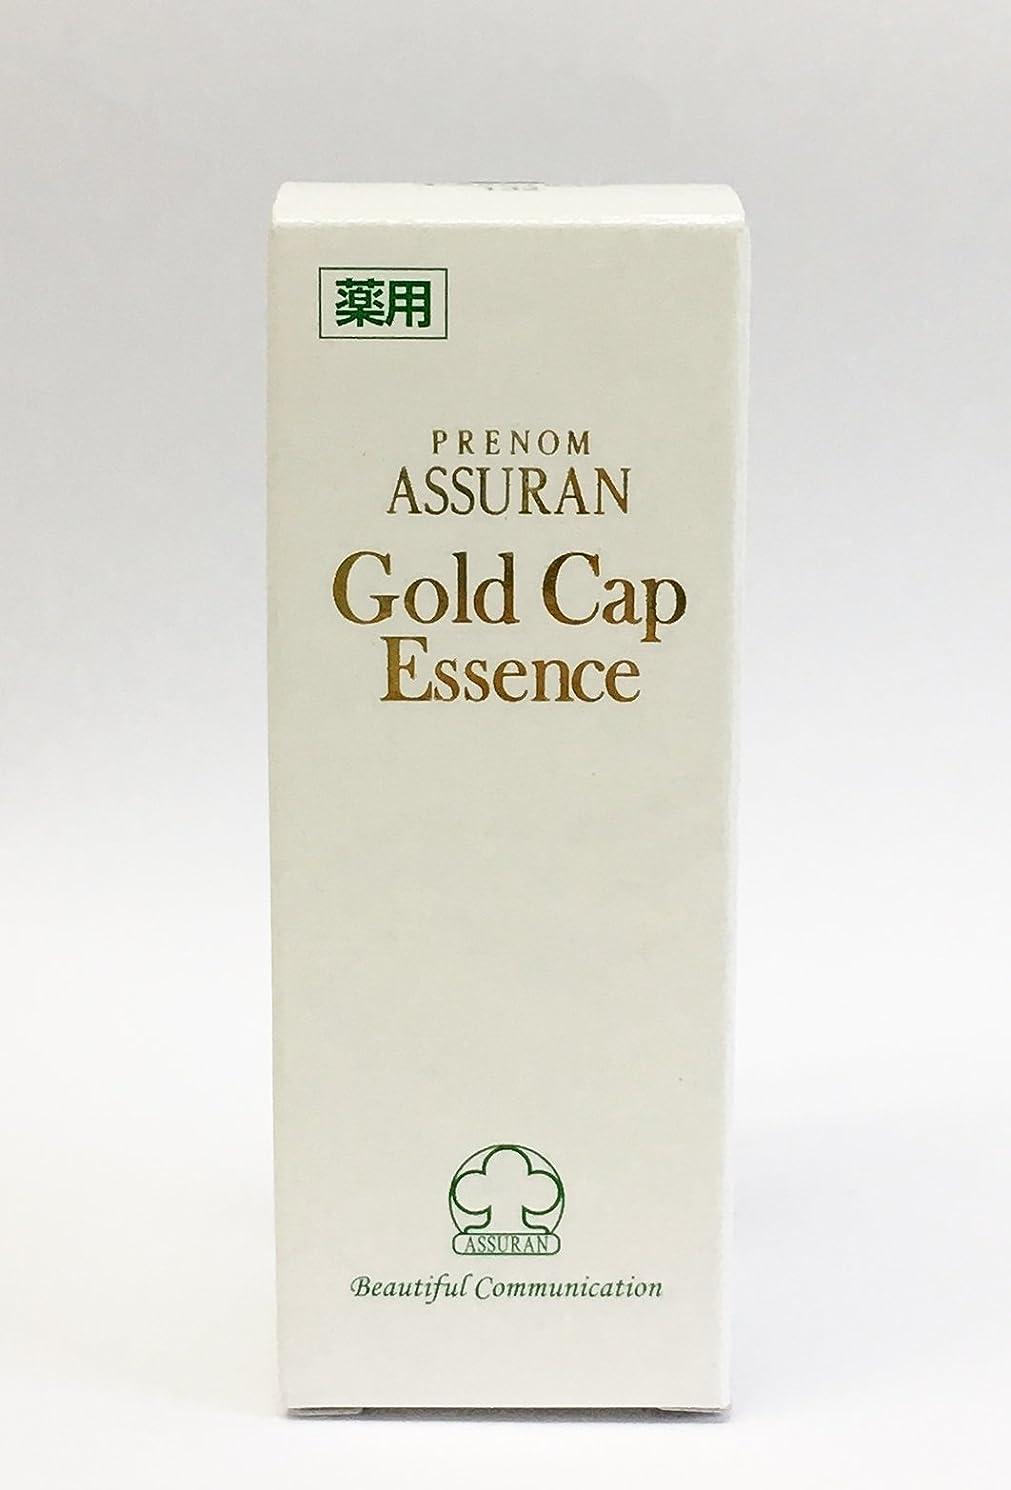 エンジン怒る不安アシュラン(ASSURAN) 薬用 ゴールドキャップエッセンス 15g